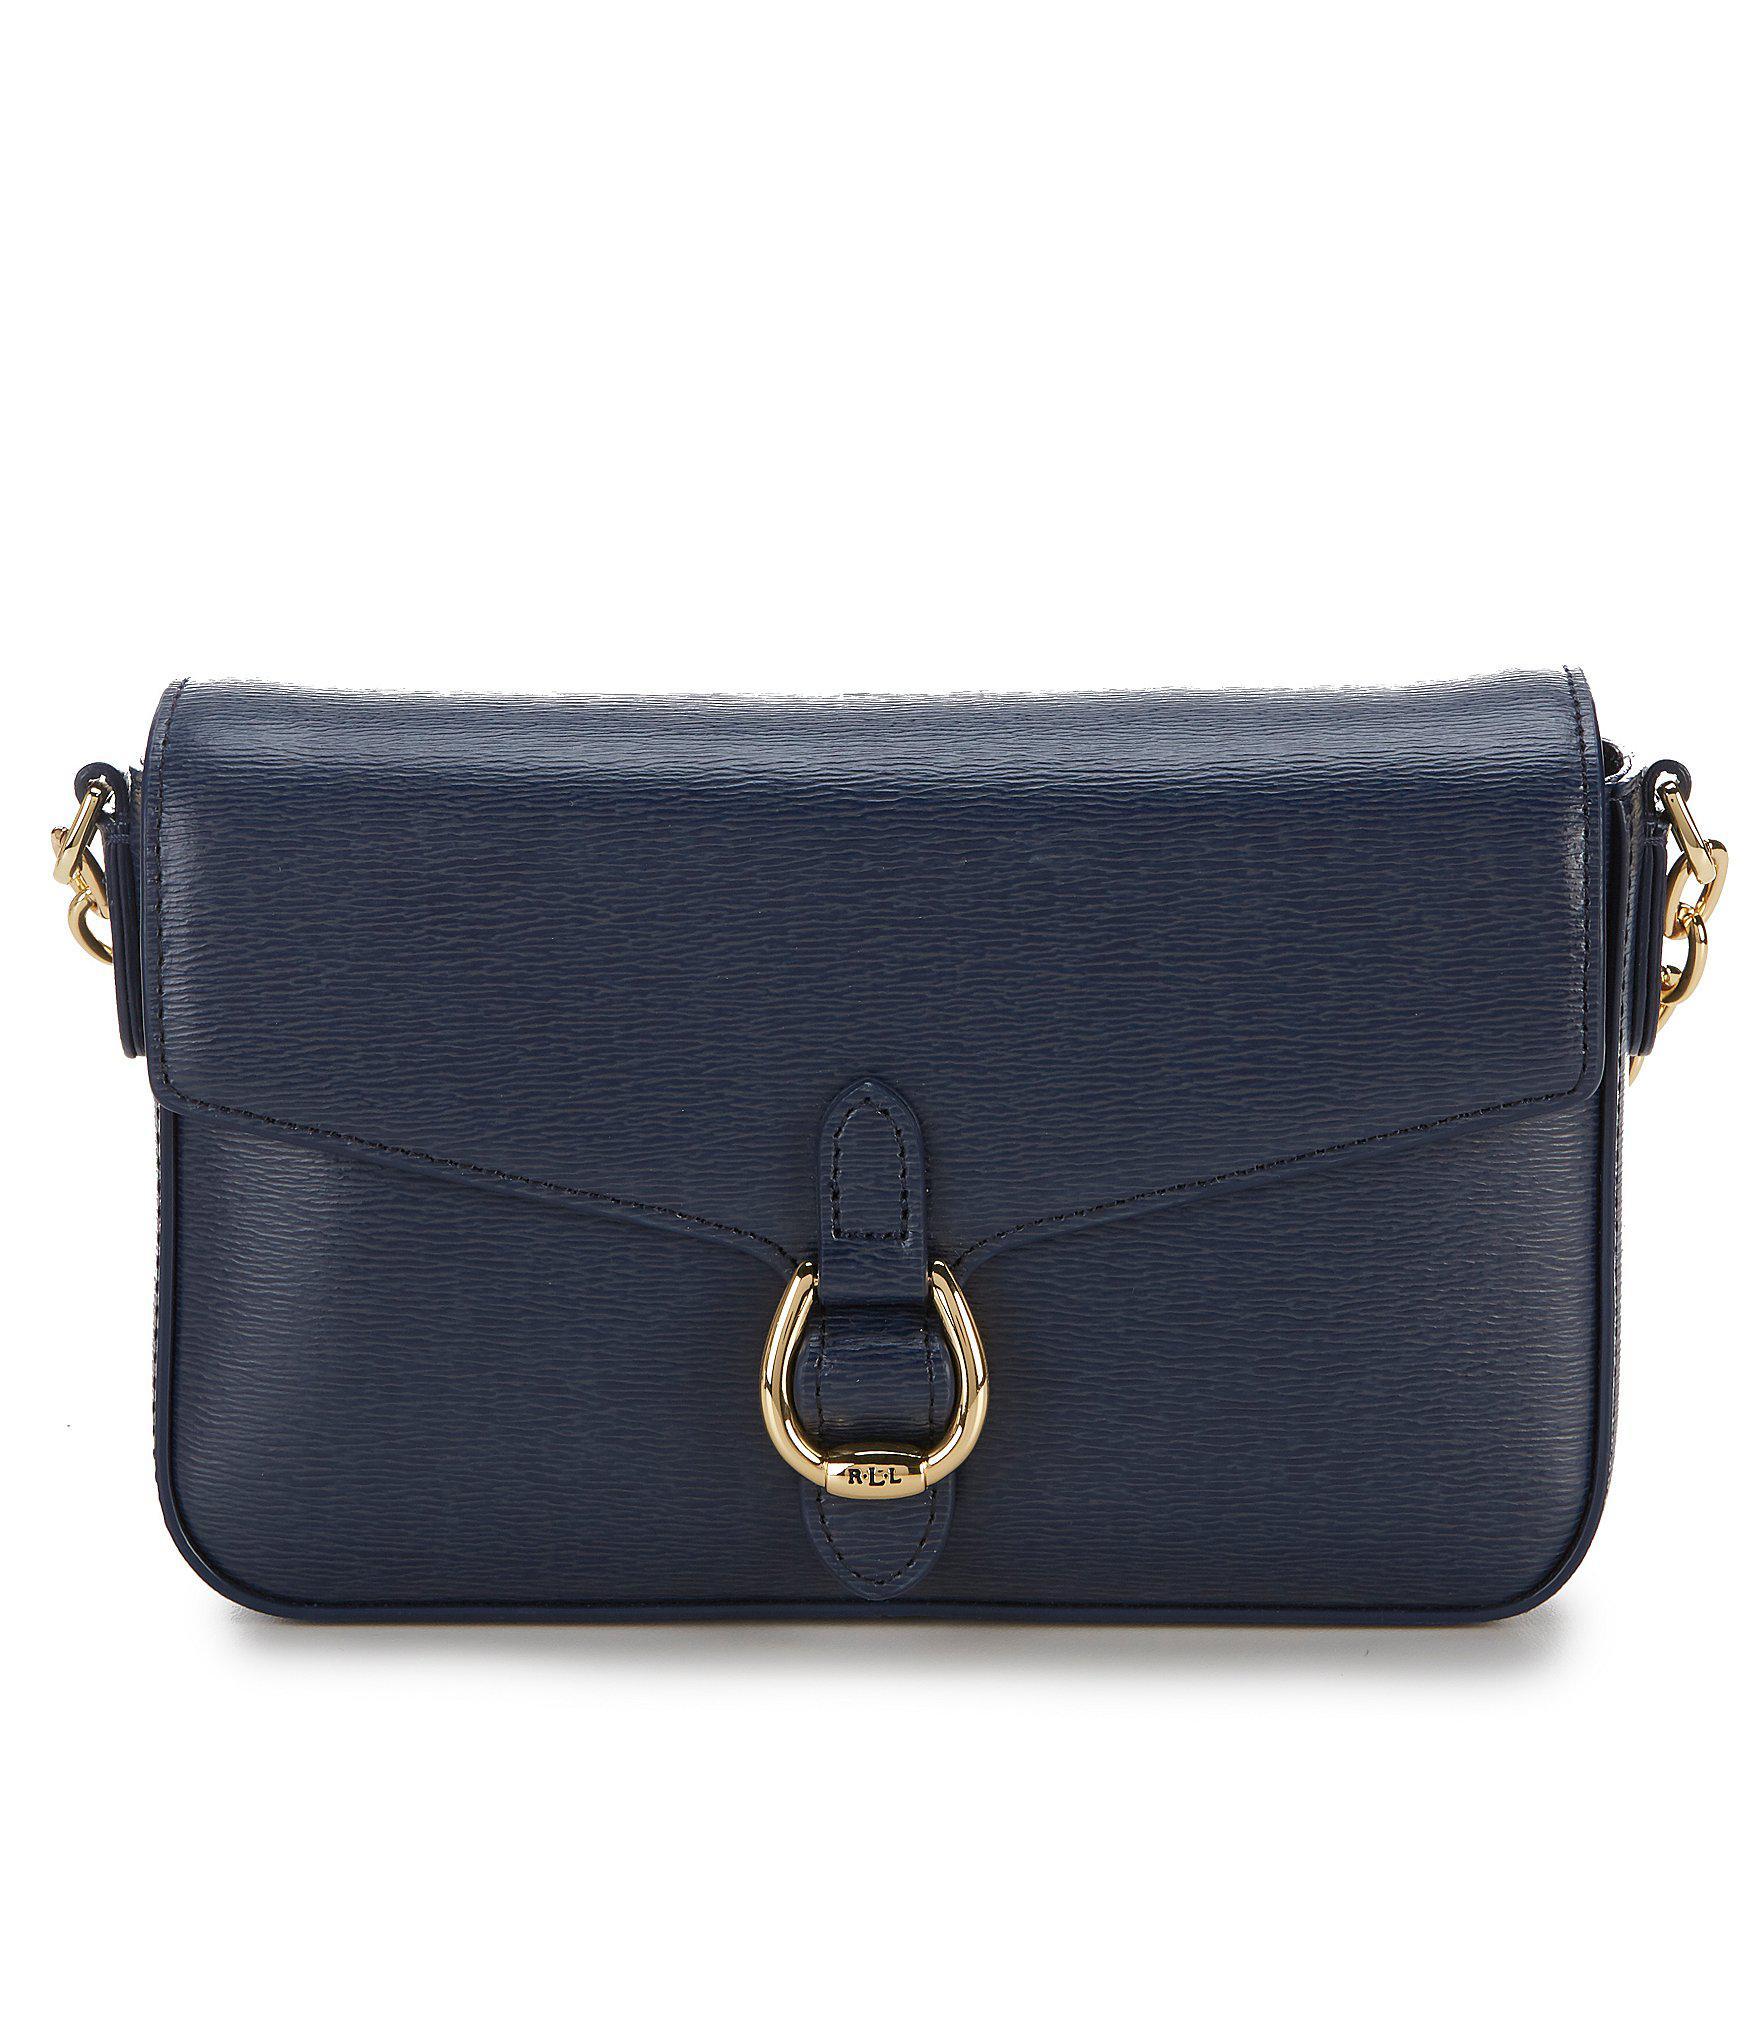 Lyst - Lauren By Ralph Lauren Bennington Saffiano Cross-body Bag in Blue 37a3341fa0